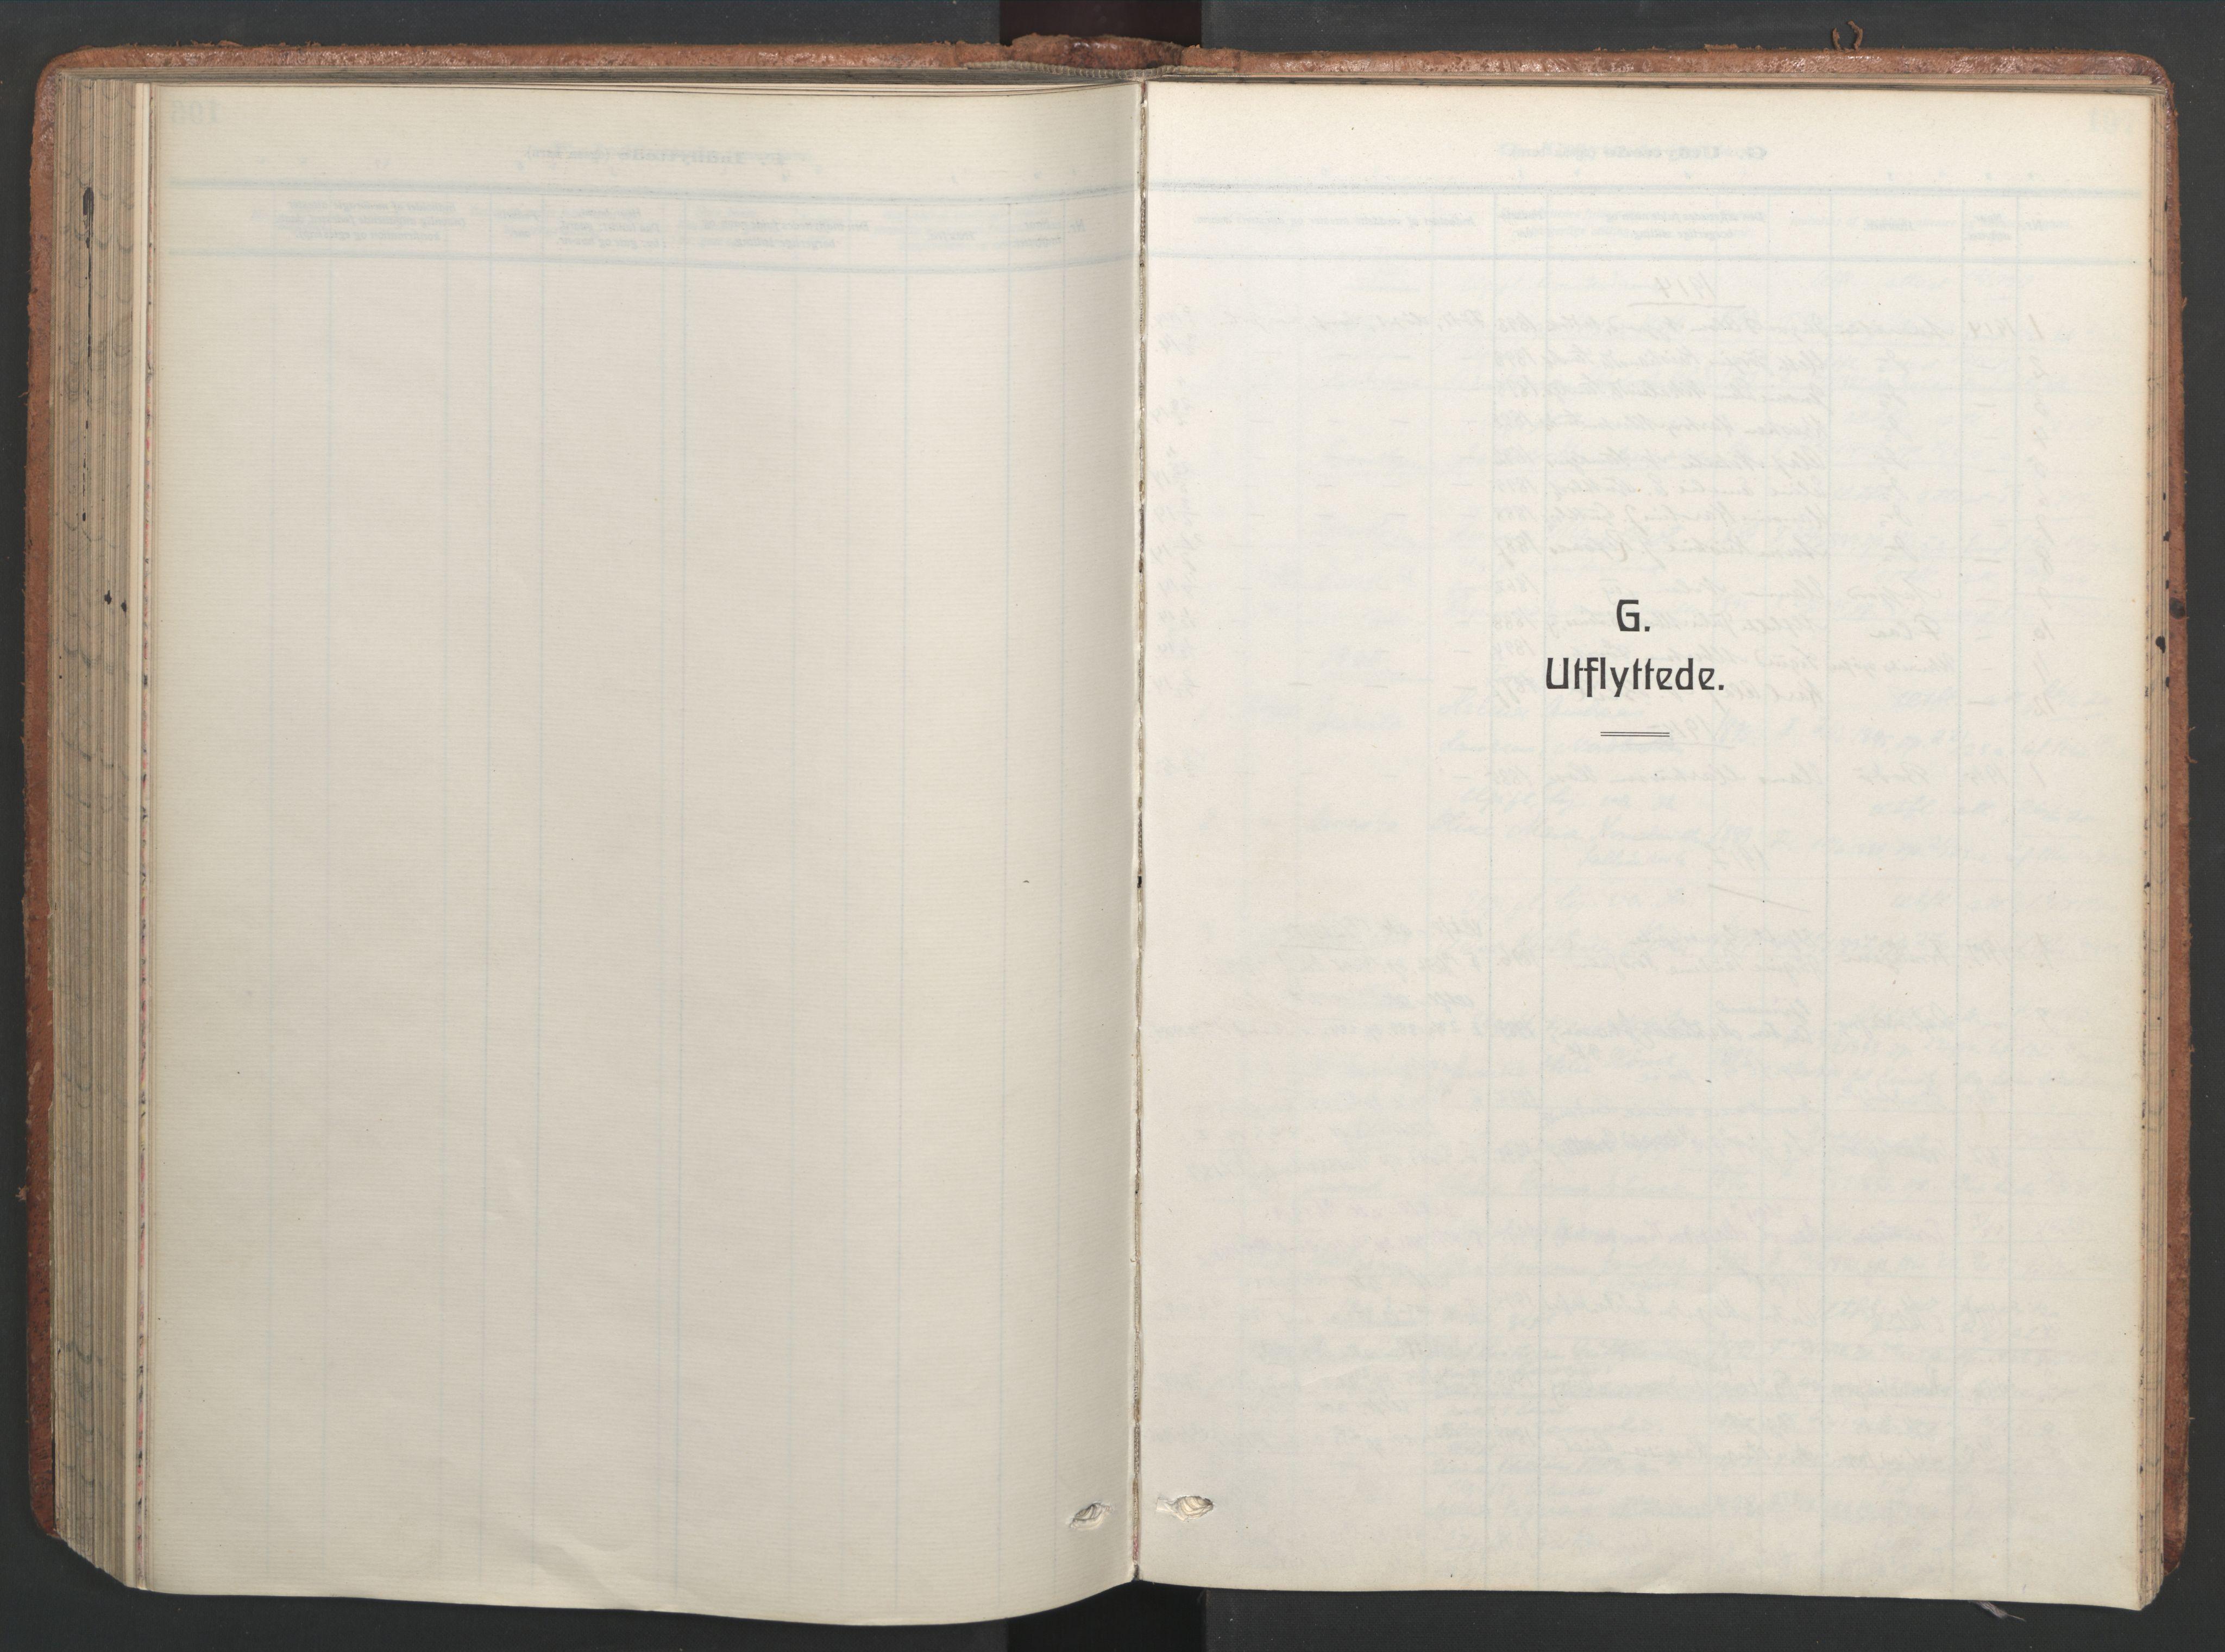 SAT, Ministerialprotokoller, klokkerbøker og fødselsregistre - Sør-Trøndelag, 656/L0694: Ministerialbok nr. 656A03, 1914-1931, s. 191